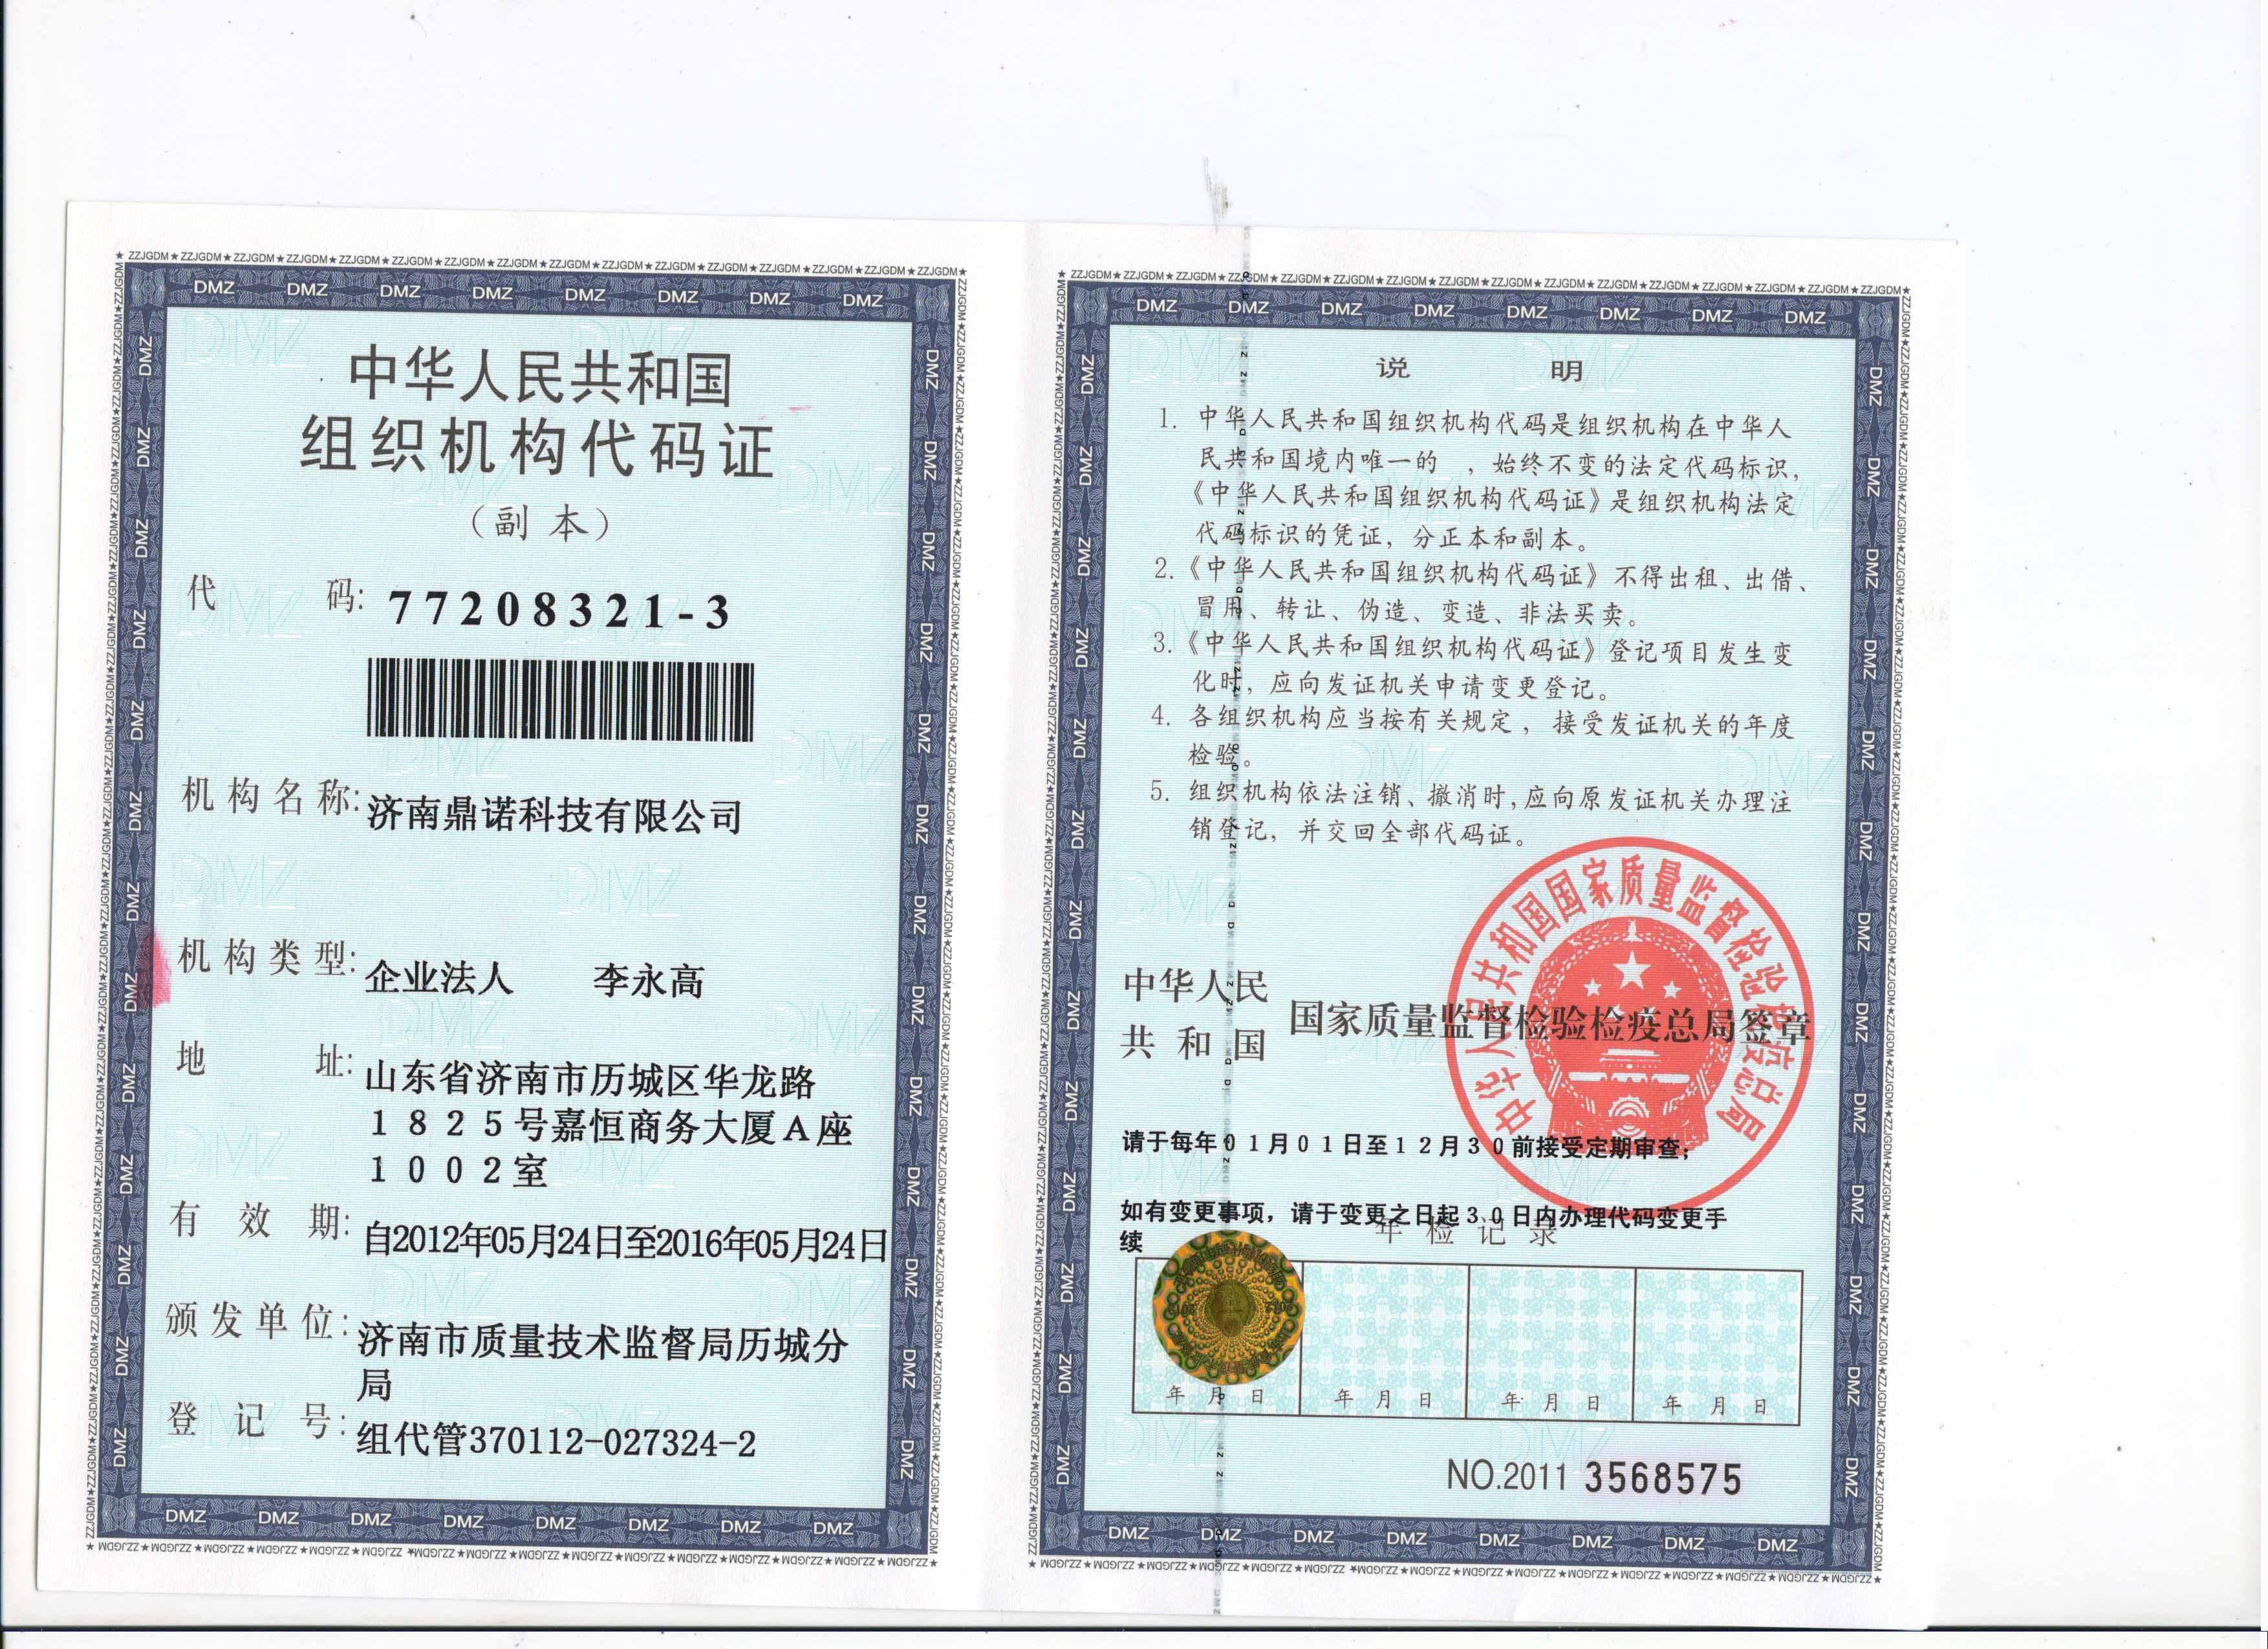 公司组织结构代码证